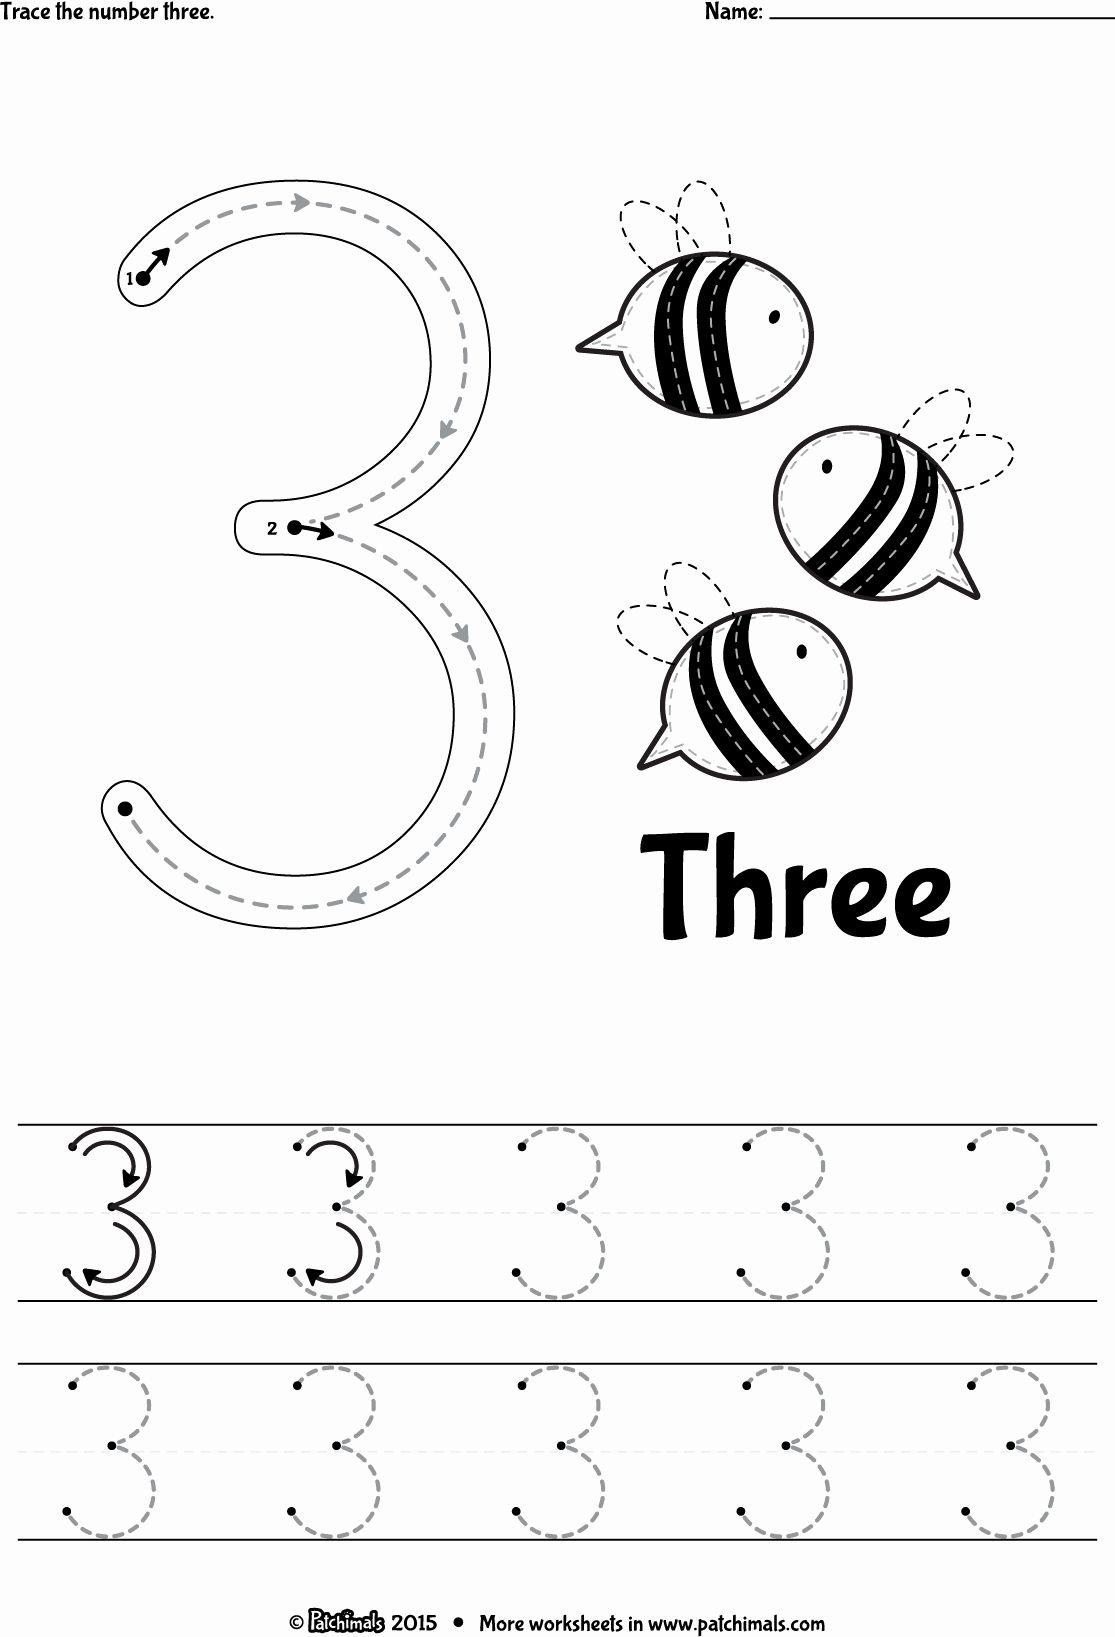 Number 3 Worksheets For Kindergarten In 2020 Preschool Worksheets Preschool Number Worksheets Numbers Preschool [ 1637 x 1115 Pixel ]